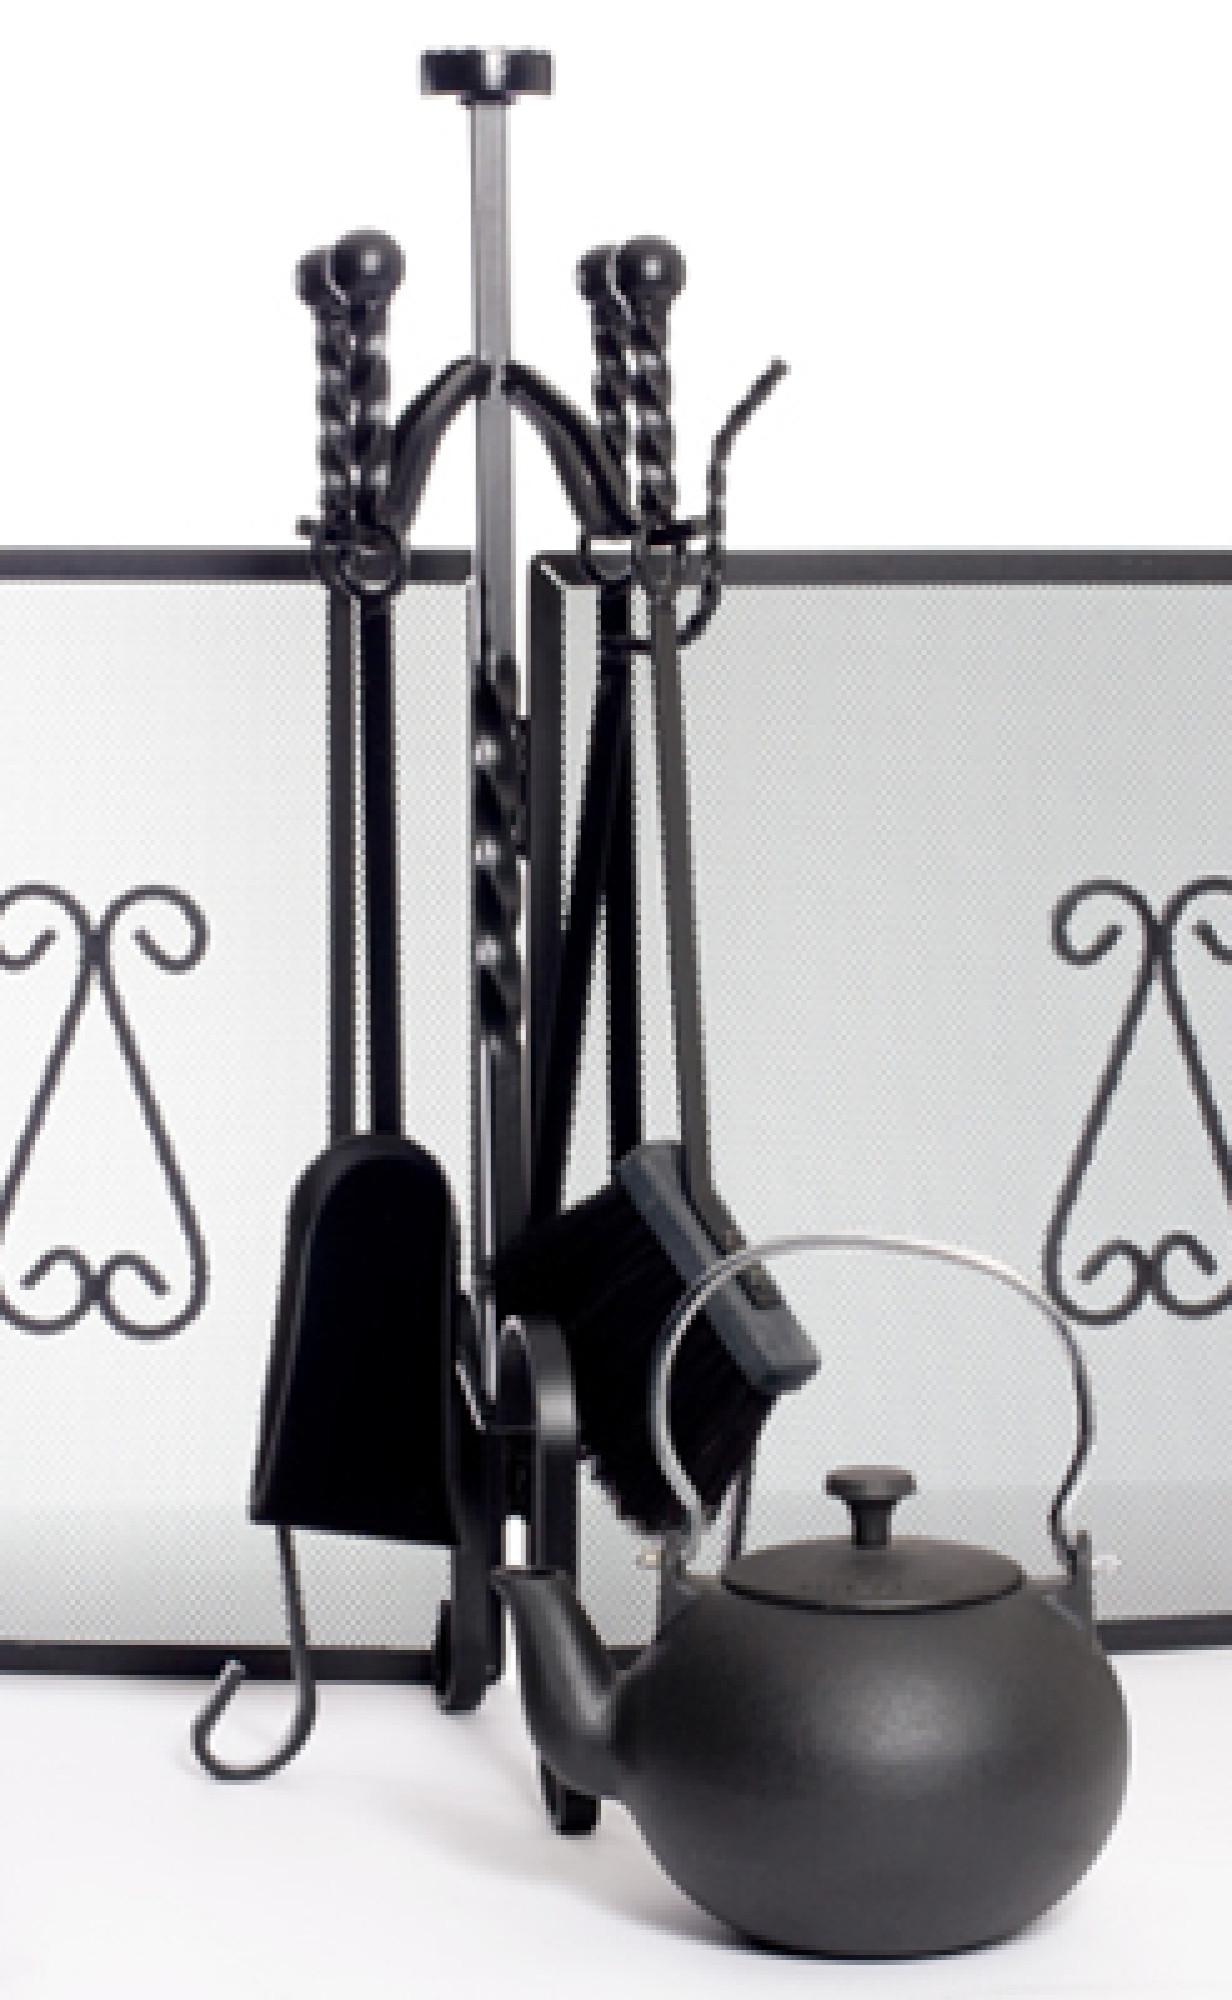 tibas-klassiek-vonkenscherm-haardset-ketel-gietijzer